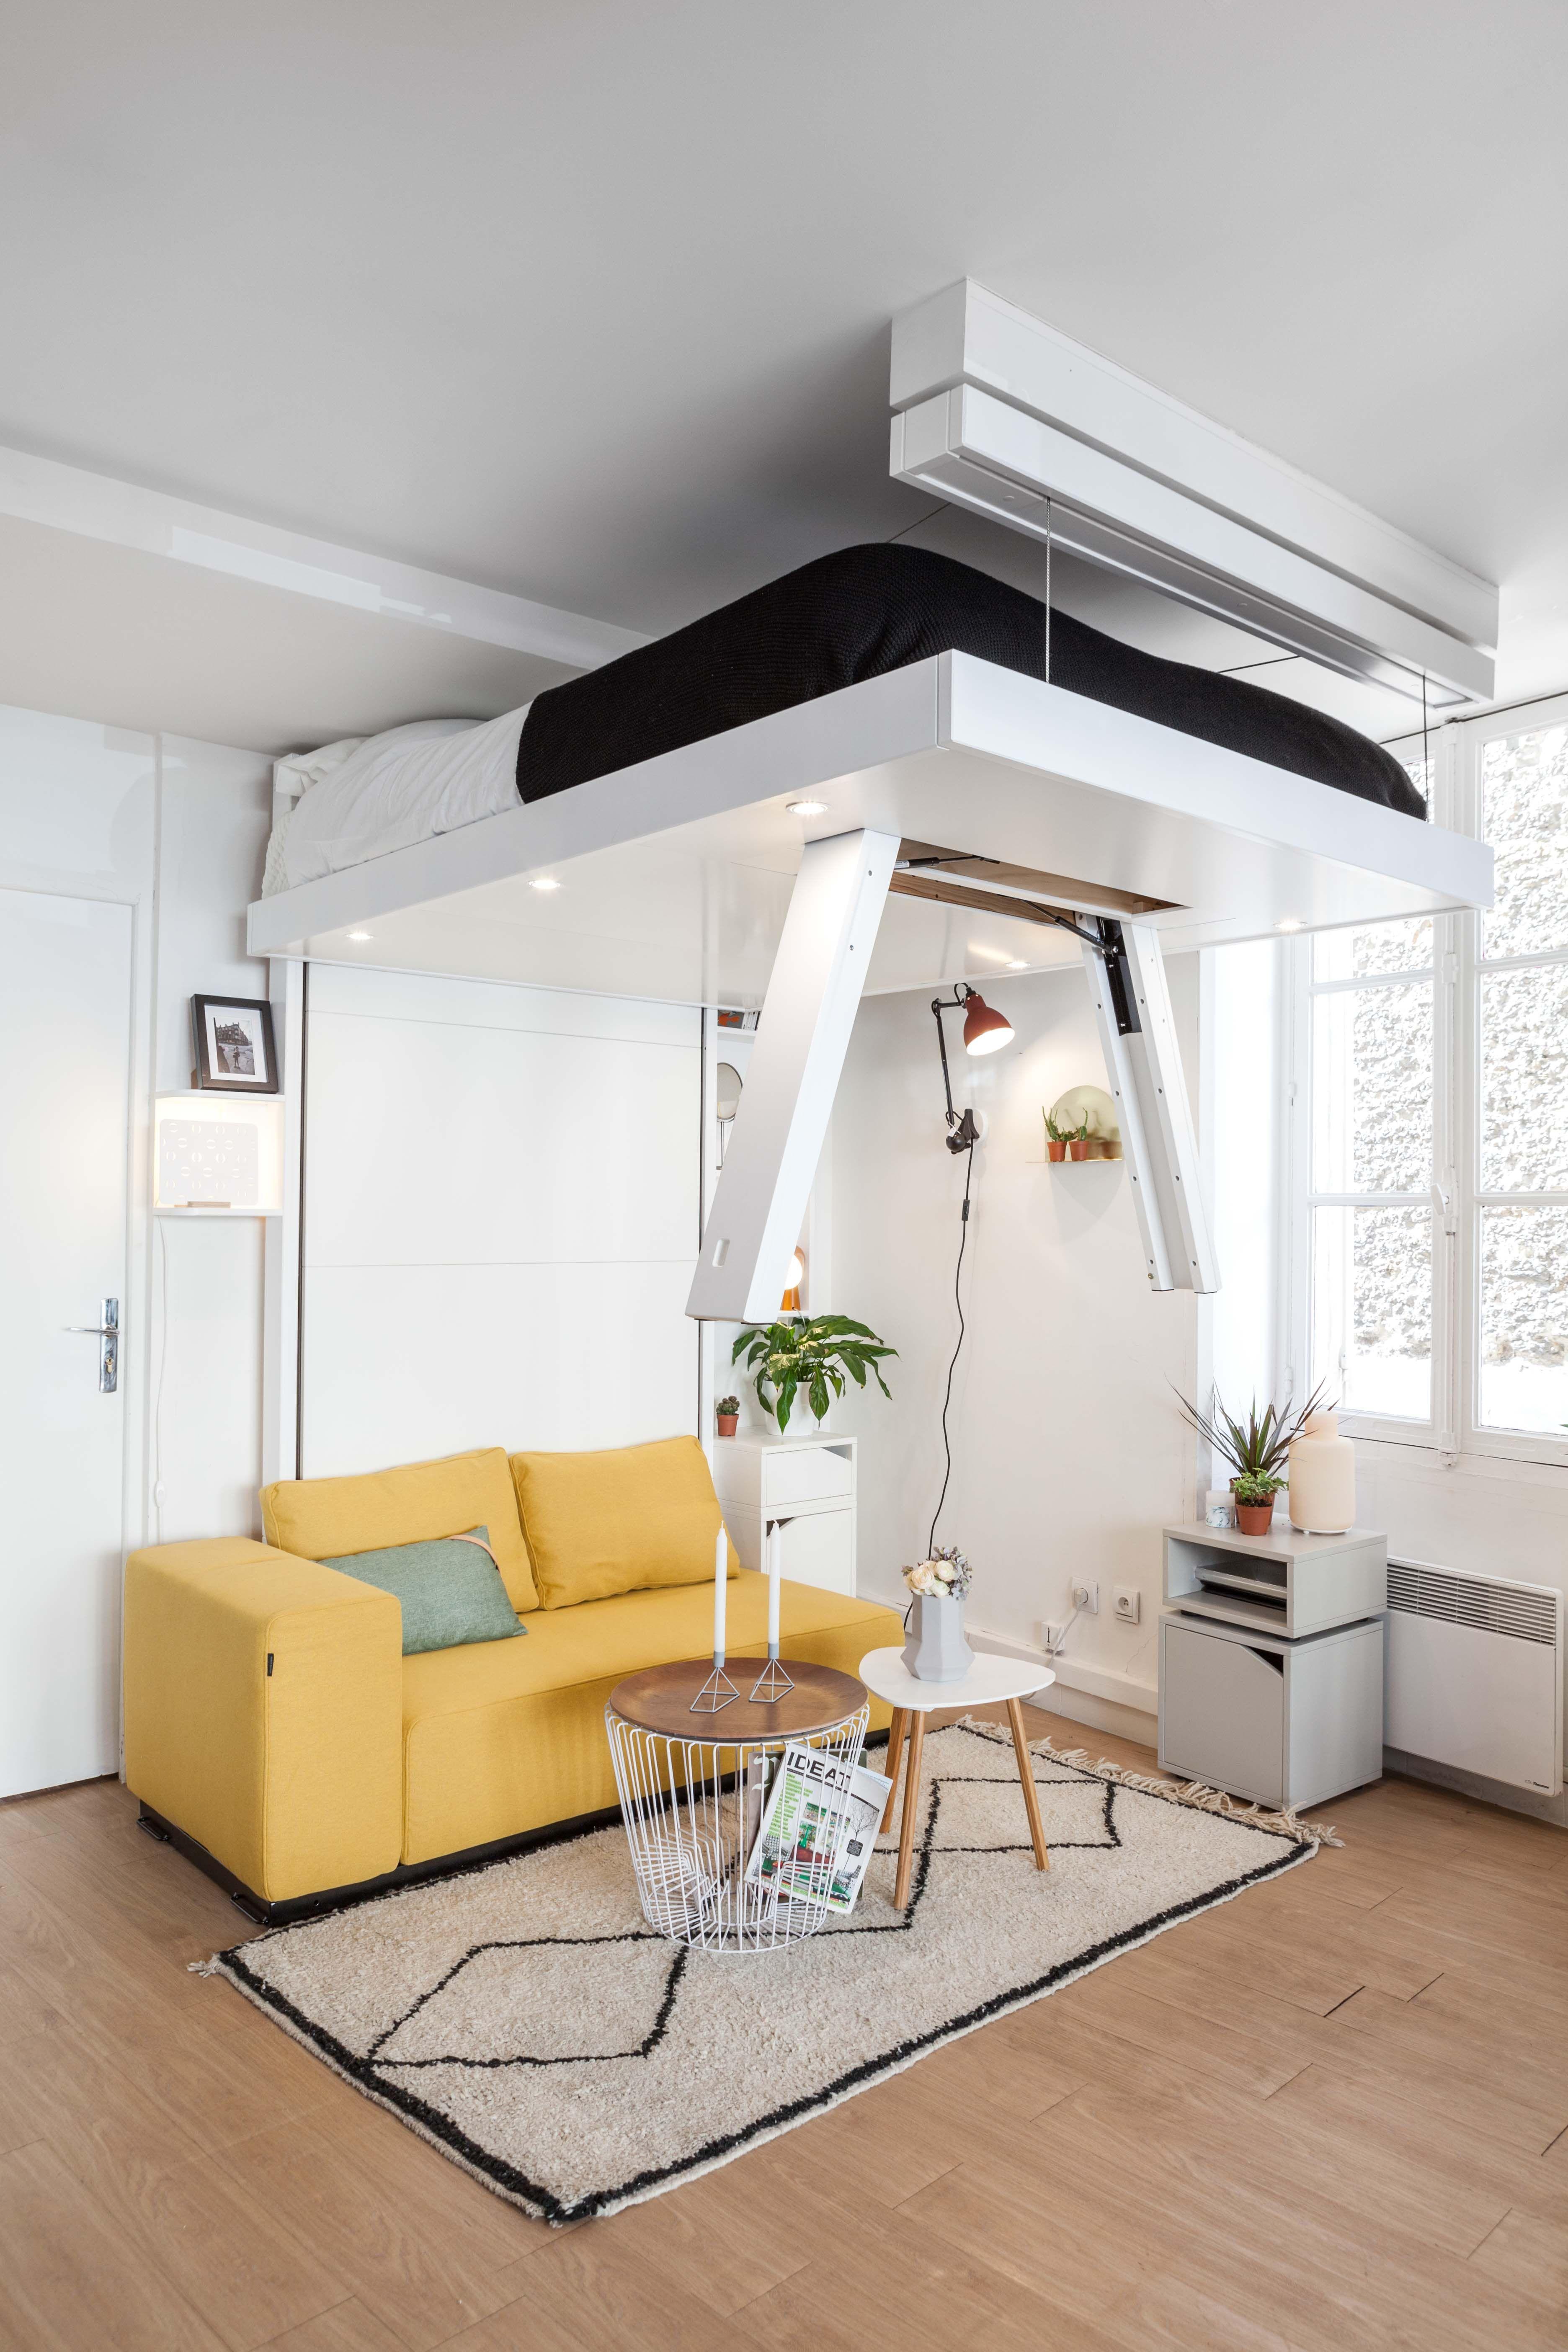 good bedup est un lit escamotable qui se range au plafond pratique et design il permet de. Black Bedroom Furniture Sets. Home Design Ideas